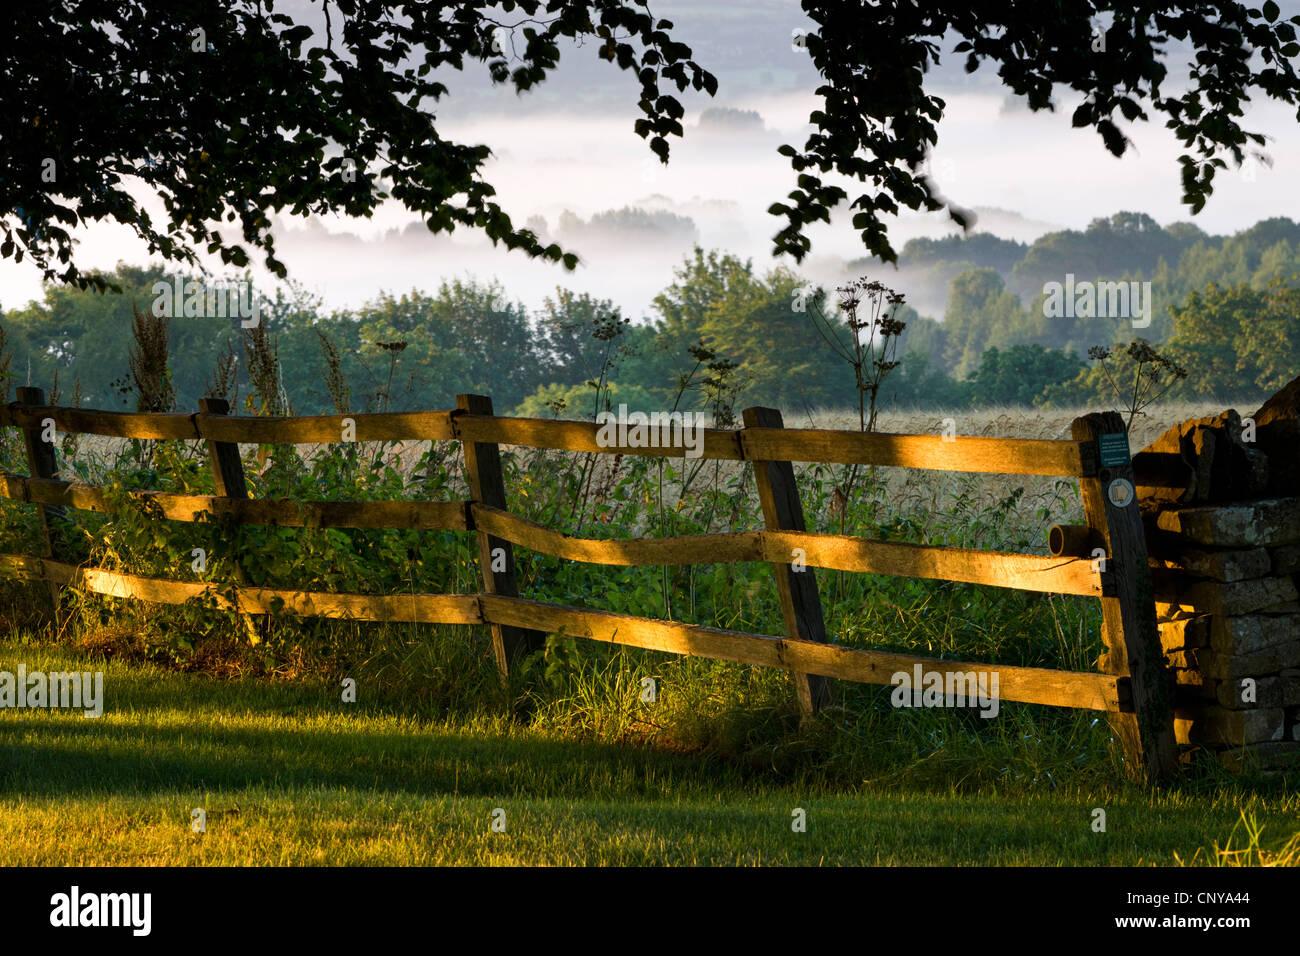 Paysage de campagne des Cotswolds, Gloucestershire, Angleterre. L'été 2011 Photo Stock